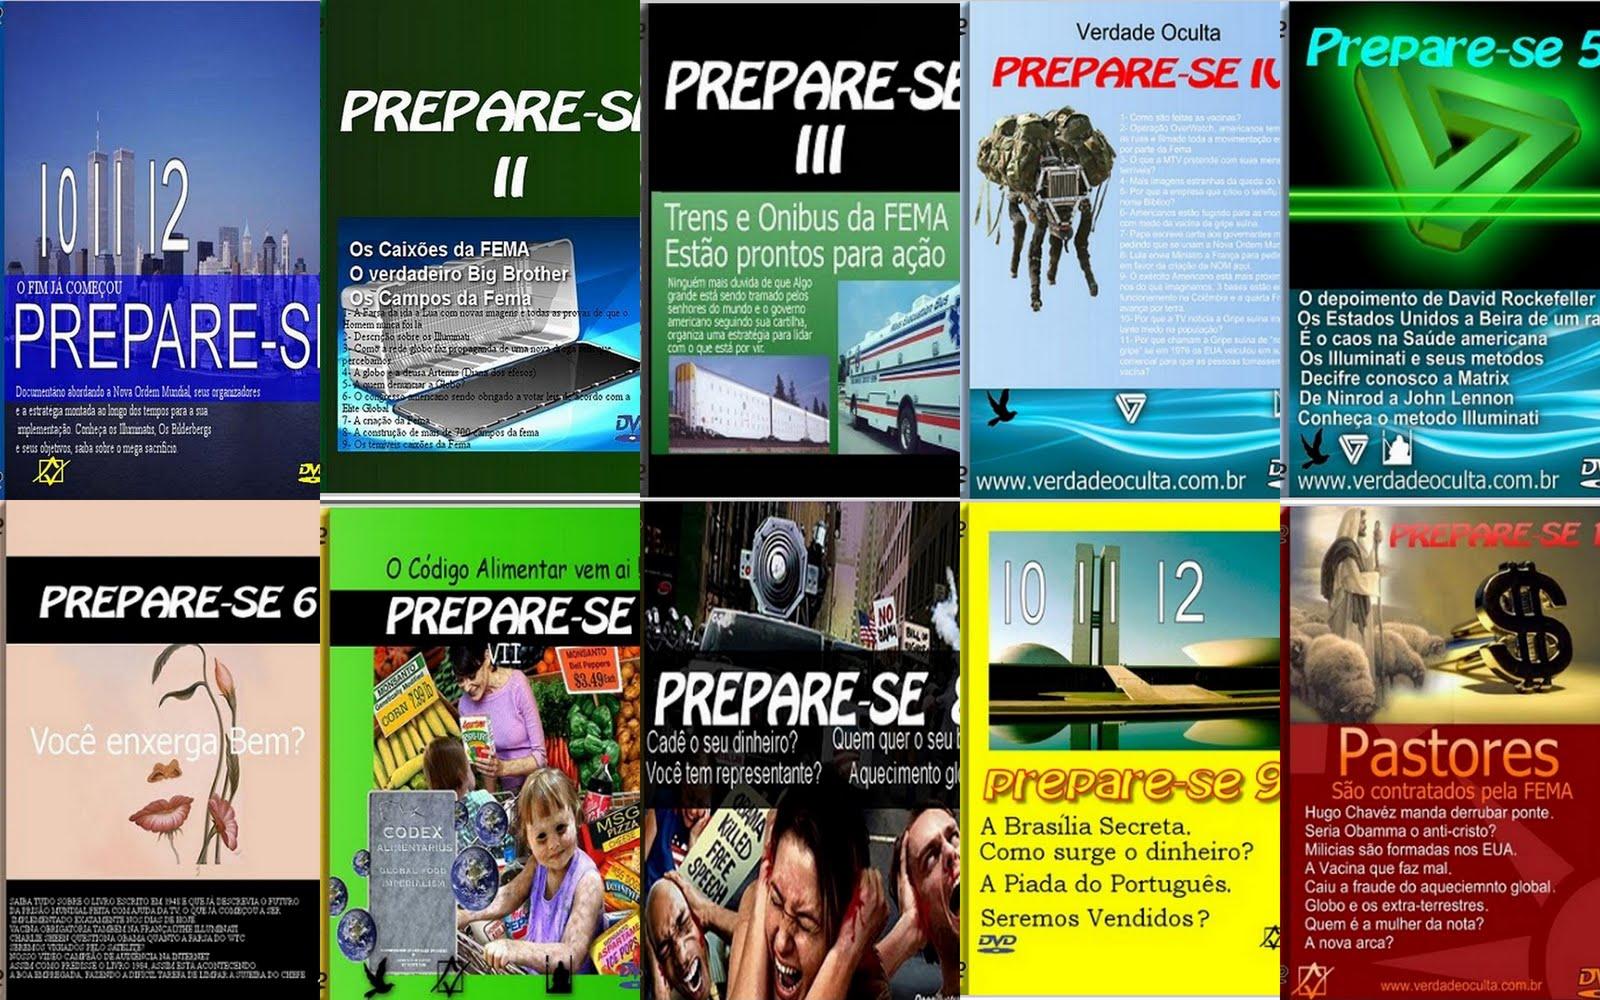 PREPARE-SE. 1 / 10